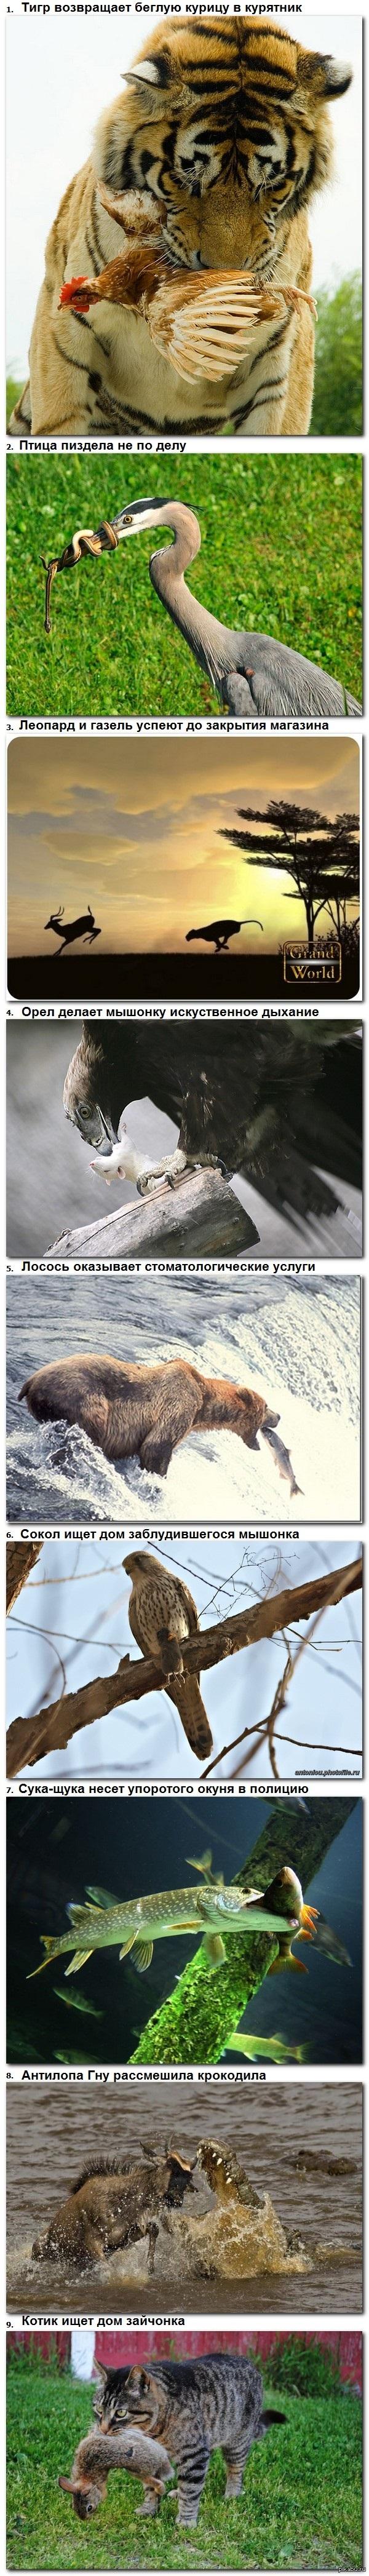 Навеяло постами про хищников! Животные помогают друг другу (длиннопост)  Хищники, жертвы, взаимопомощь